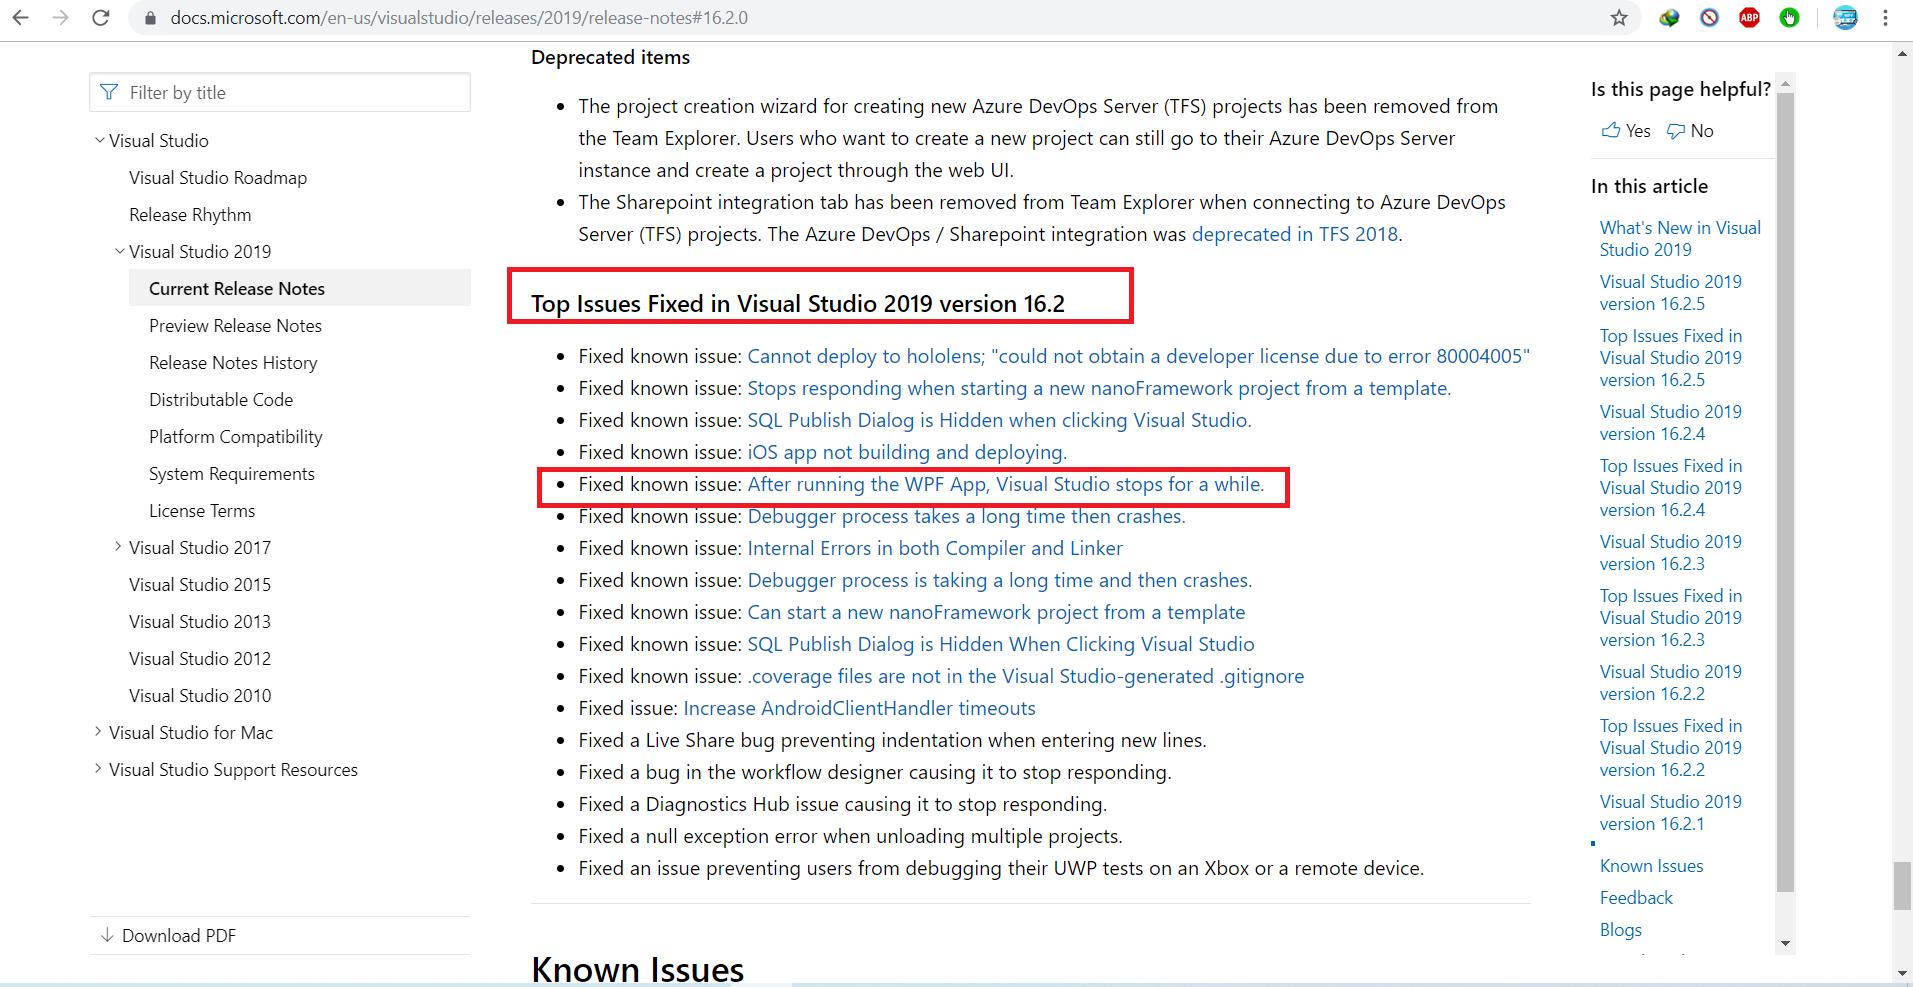 باگ هایی که به تیم Visual Studio گزارش کردم